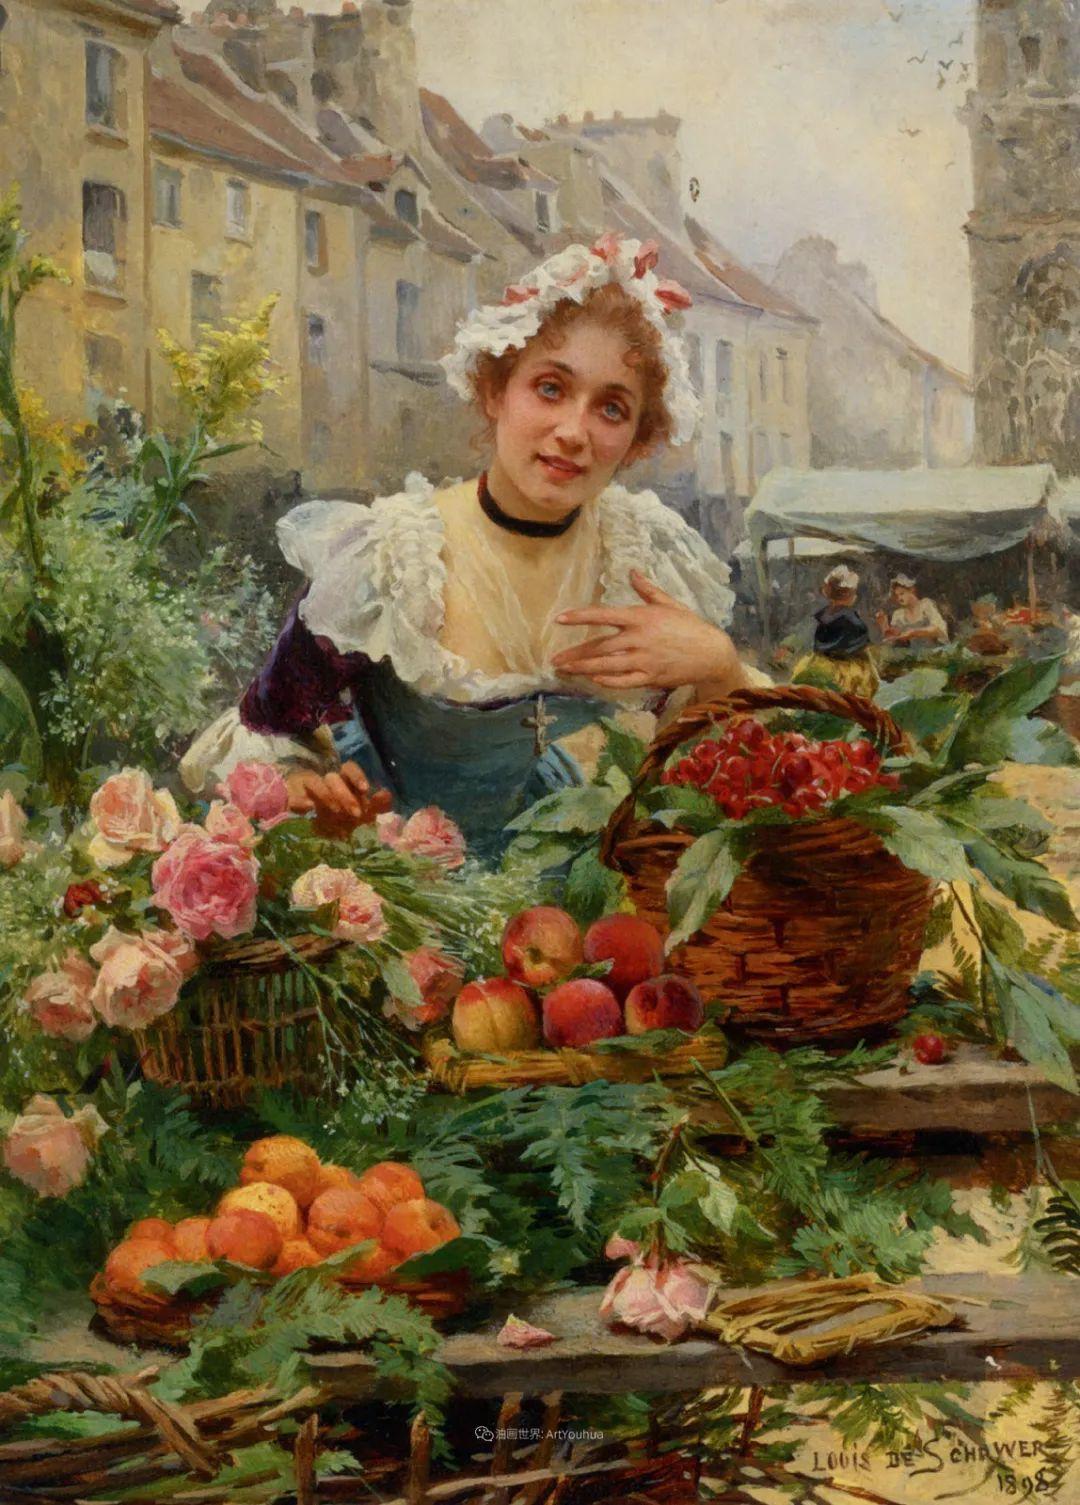 100年多前,她们是这样摆摊卖花的,好美的画面!插图5